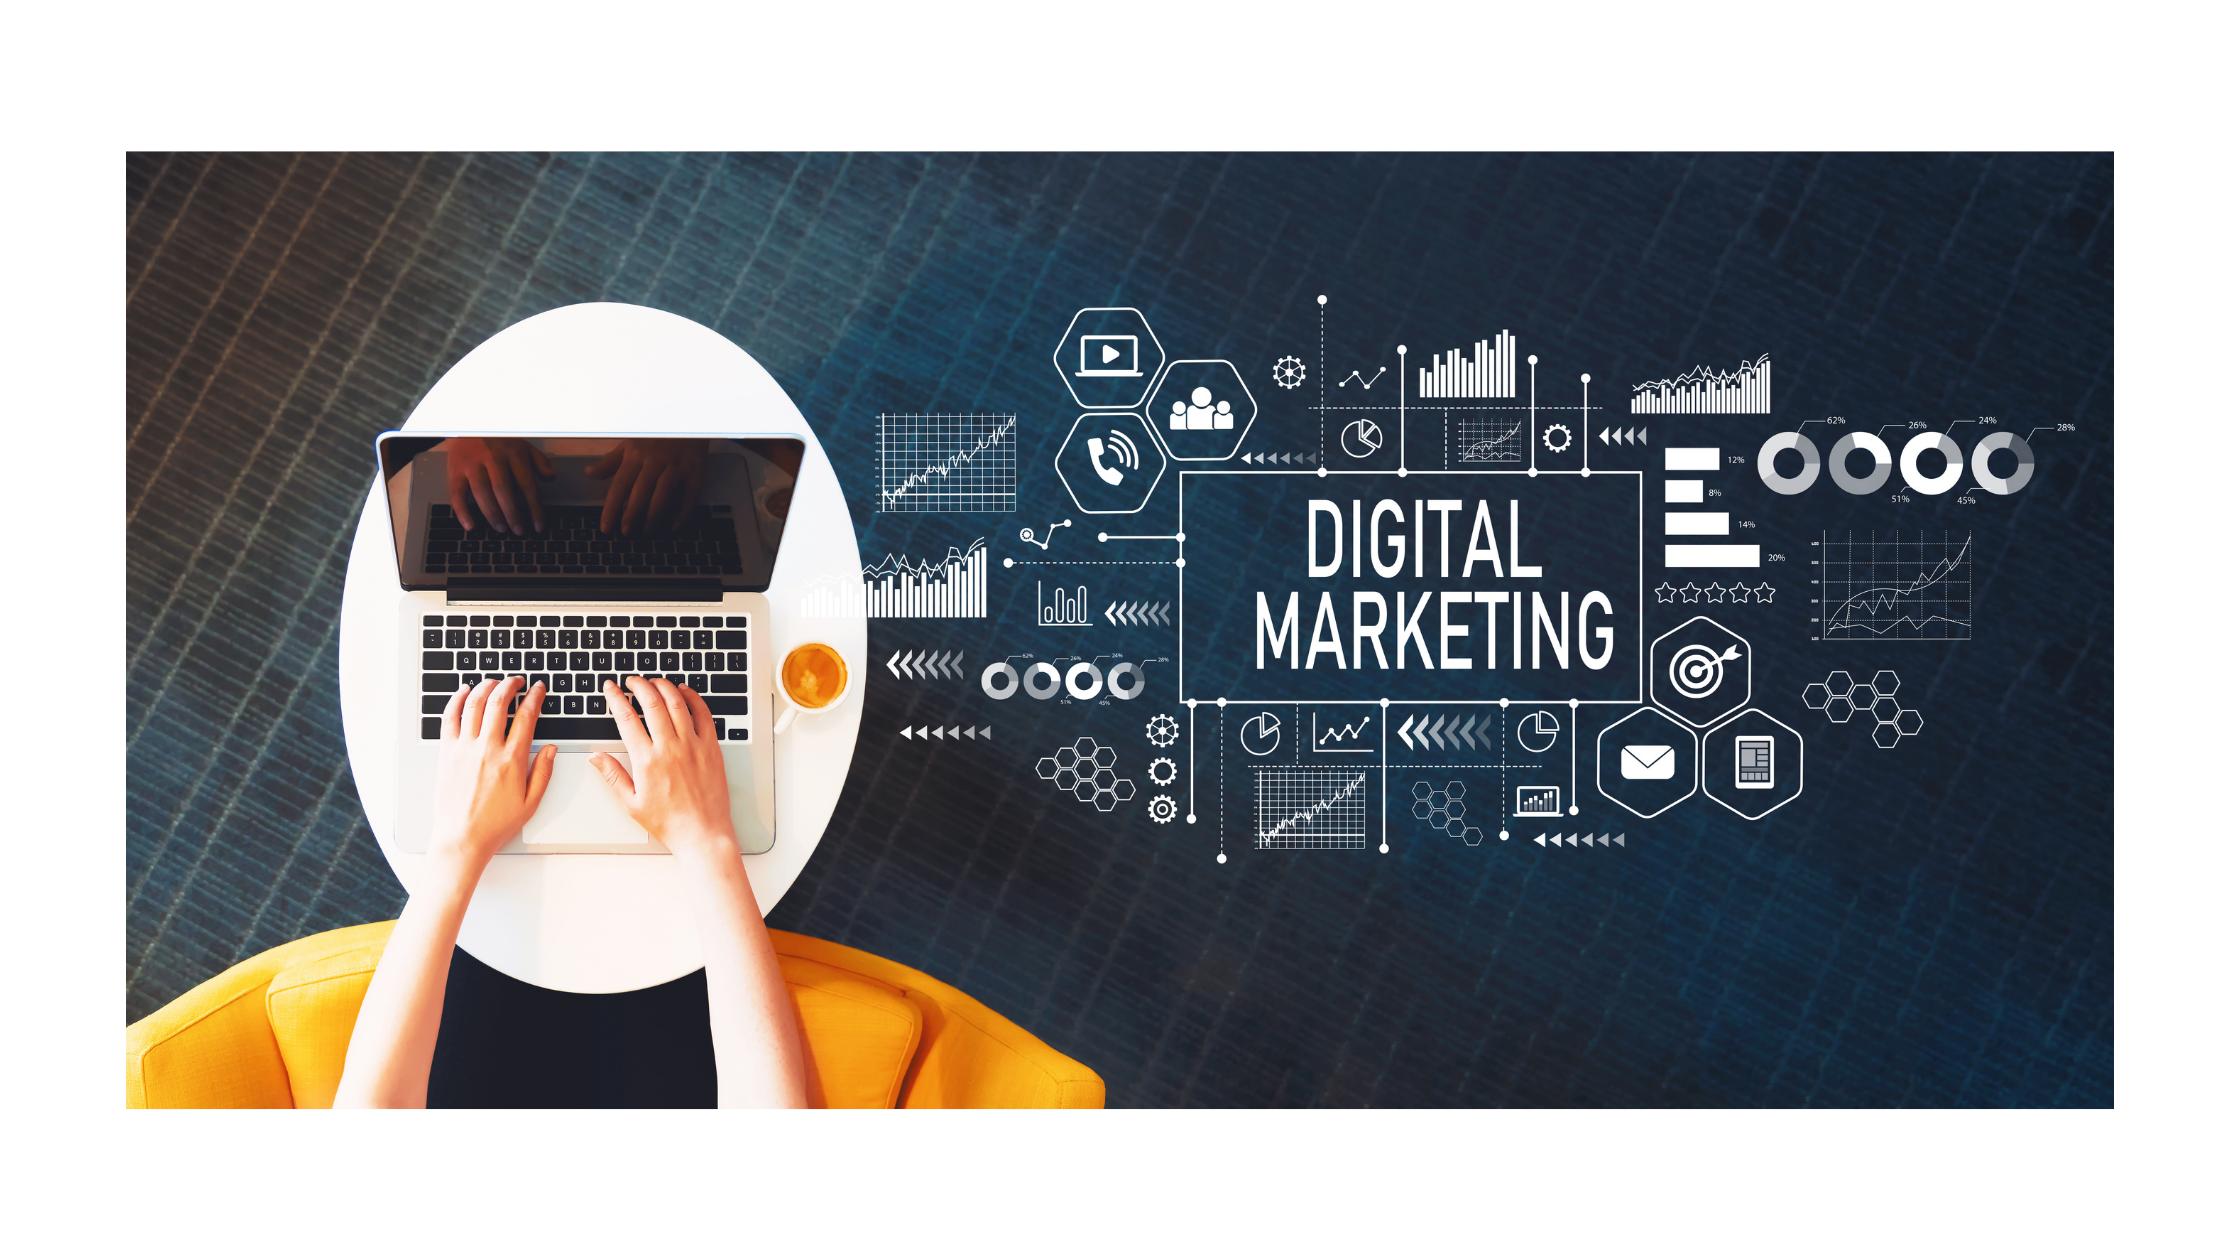 Digitaalisen markkinoinnin ja myynnin koulutus - Tampere 2021 - etäosallistuminen mahdollista